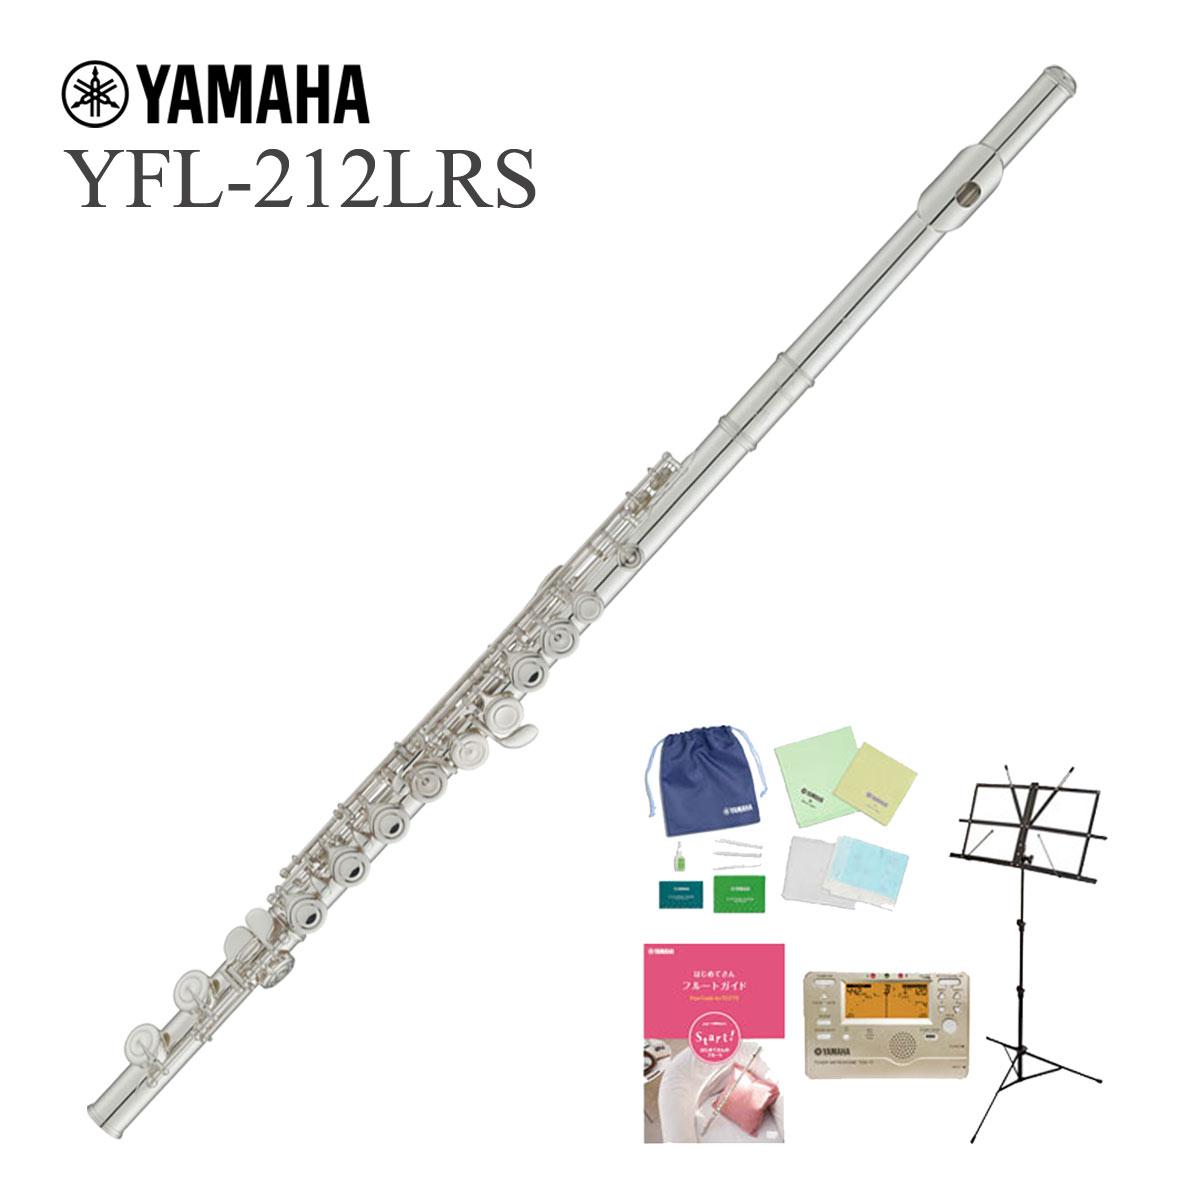 【タイムセール:30日12時まで】YAMAHA / YFL-212LRS ヤマハ フルート スタンダード Eメカ付 リッププレート/ライザー銀製 入門用 《全部入りセット》【5年保証】